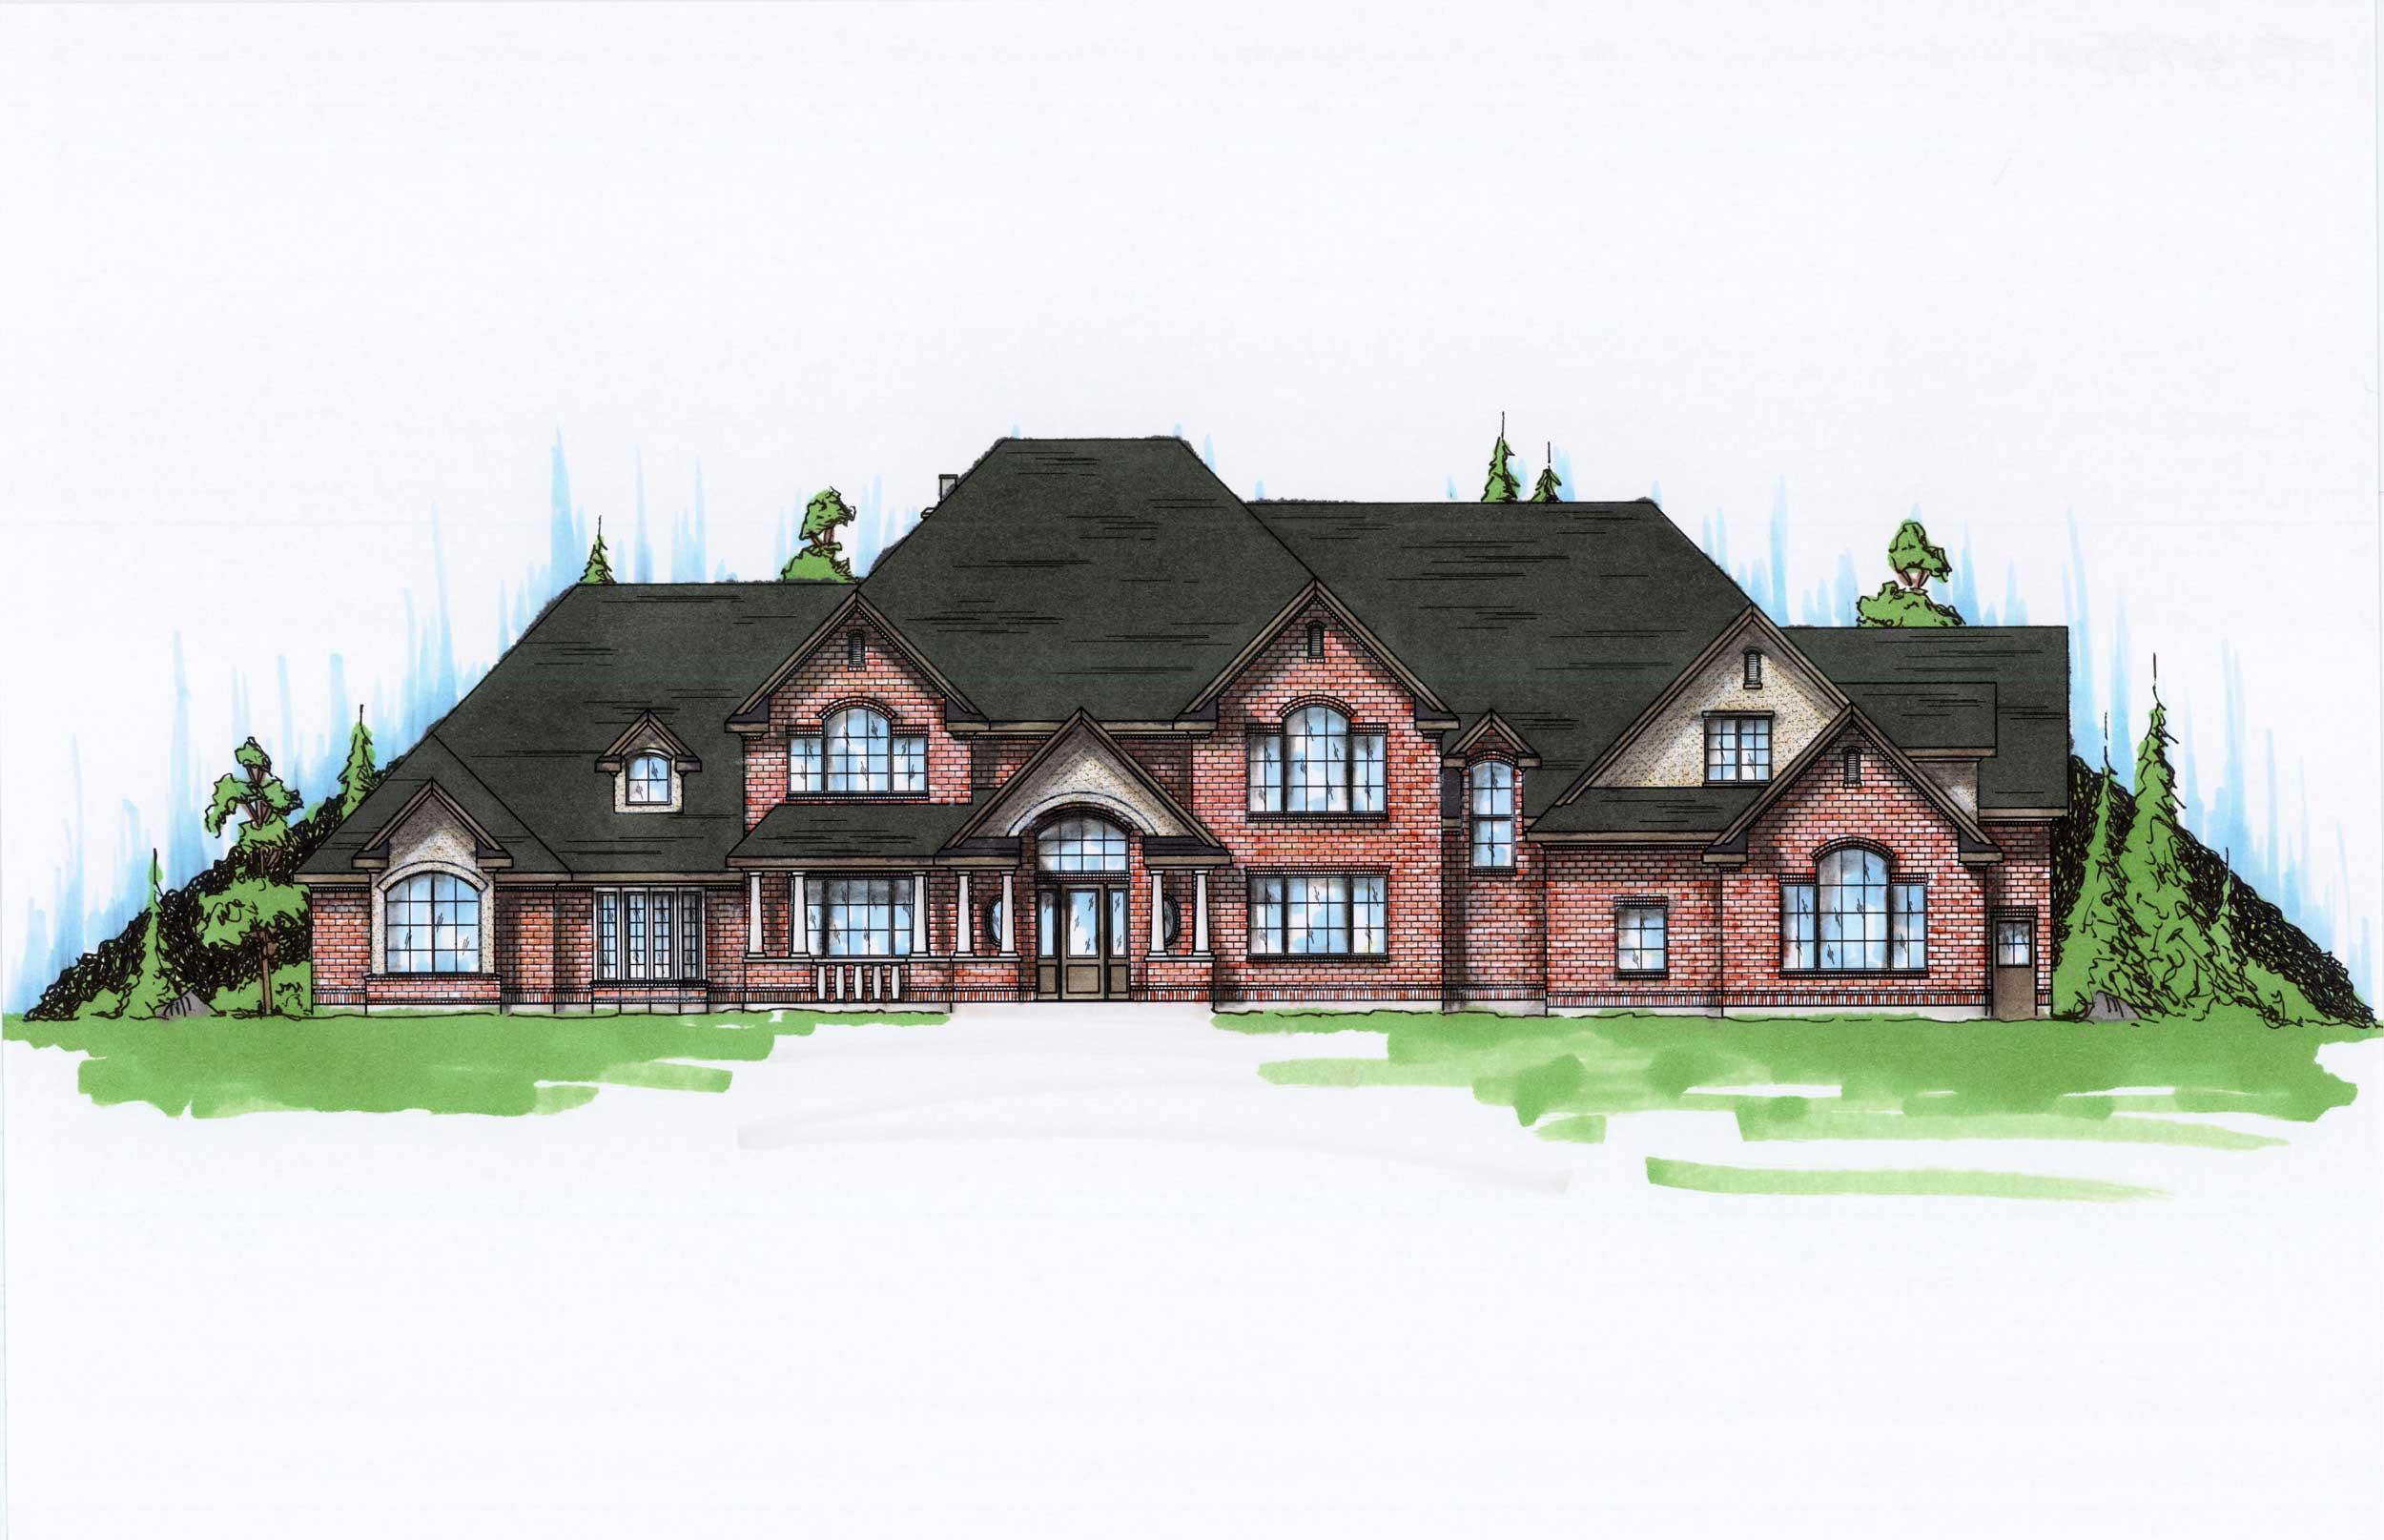 Farmhouse Home Plan 7 Bedrms 4 5 Baths 6785 Sq Ft